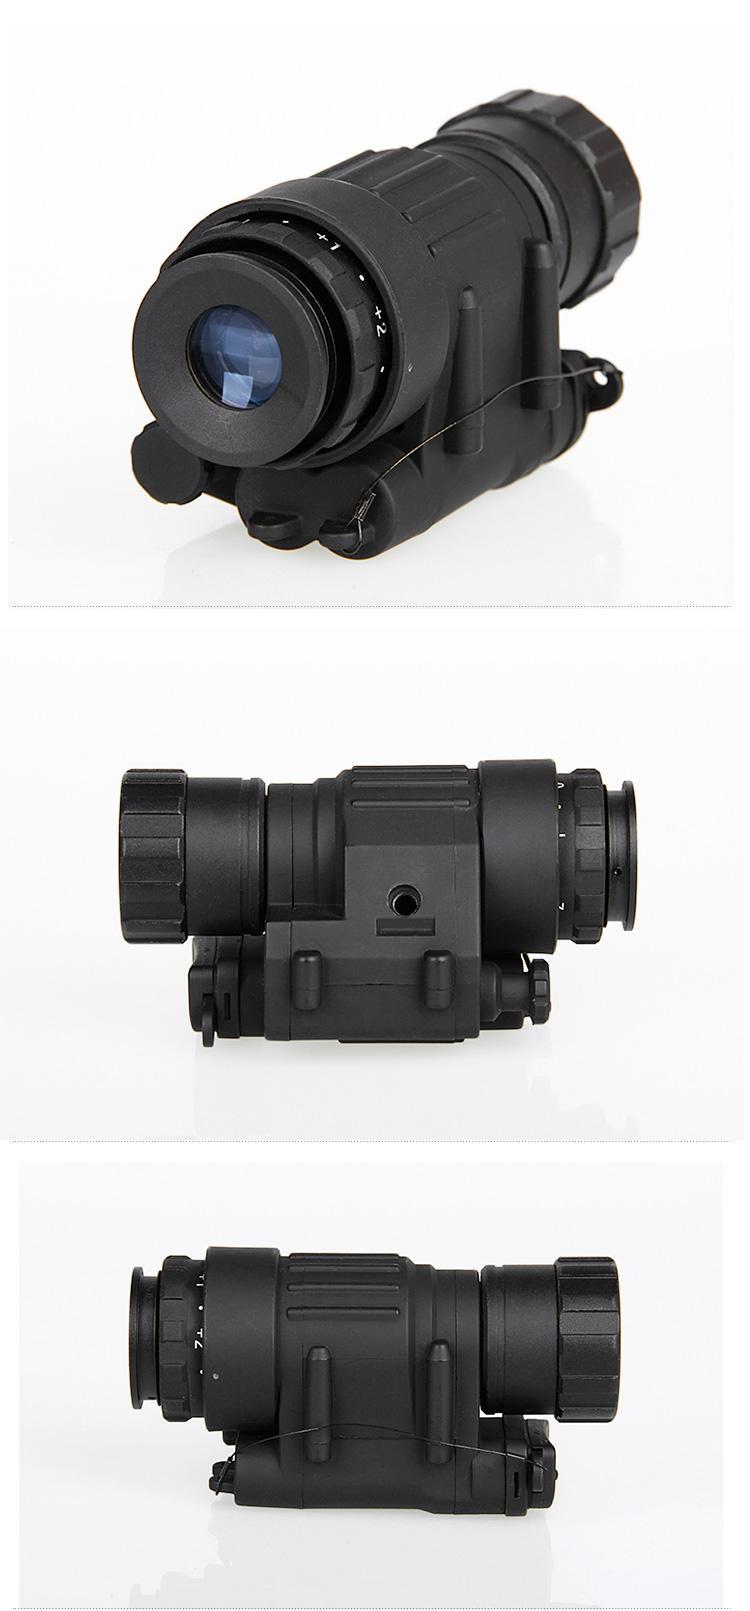 Eagleye تصميم جديد البصريات الرقمية التكتيكية للرؤية الليلية نطاق للصيد نطاق نثر الحرة الشحن مجانا CL27-0008